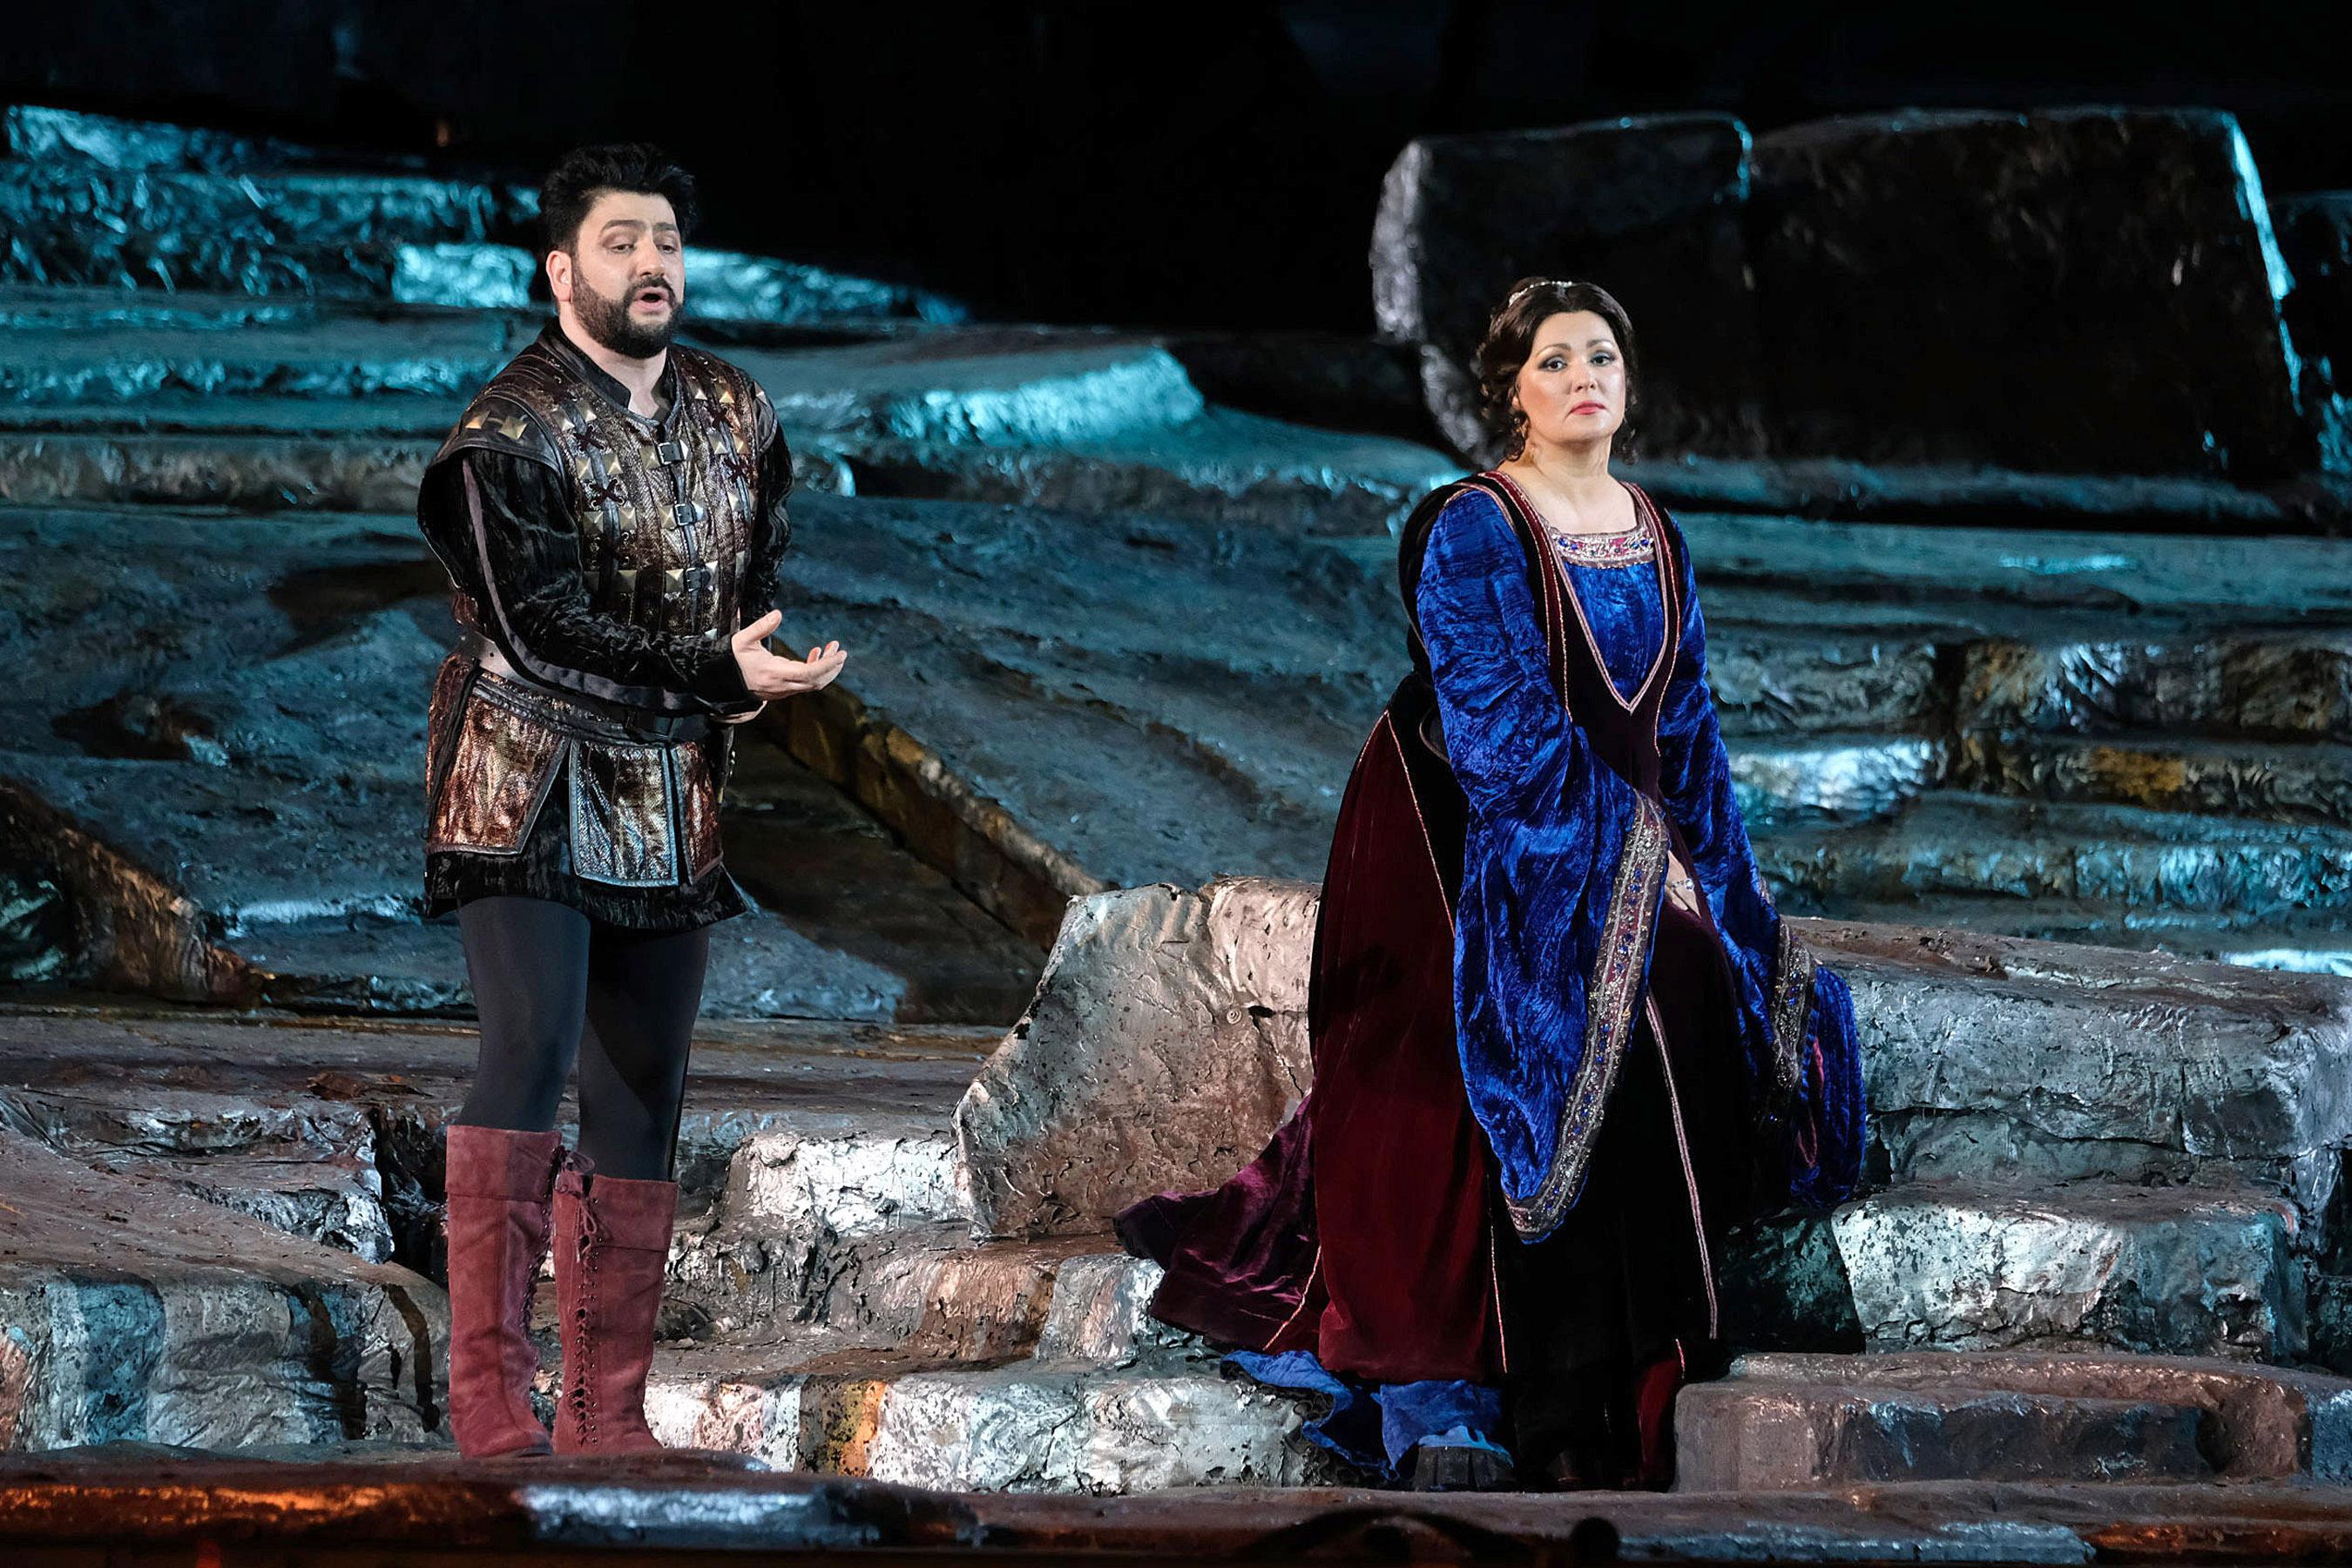 5. August, 20.45 Uhr, die letzte Turandot der Stars in der Arena